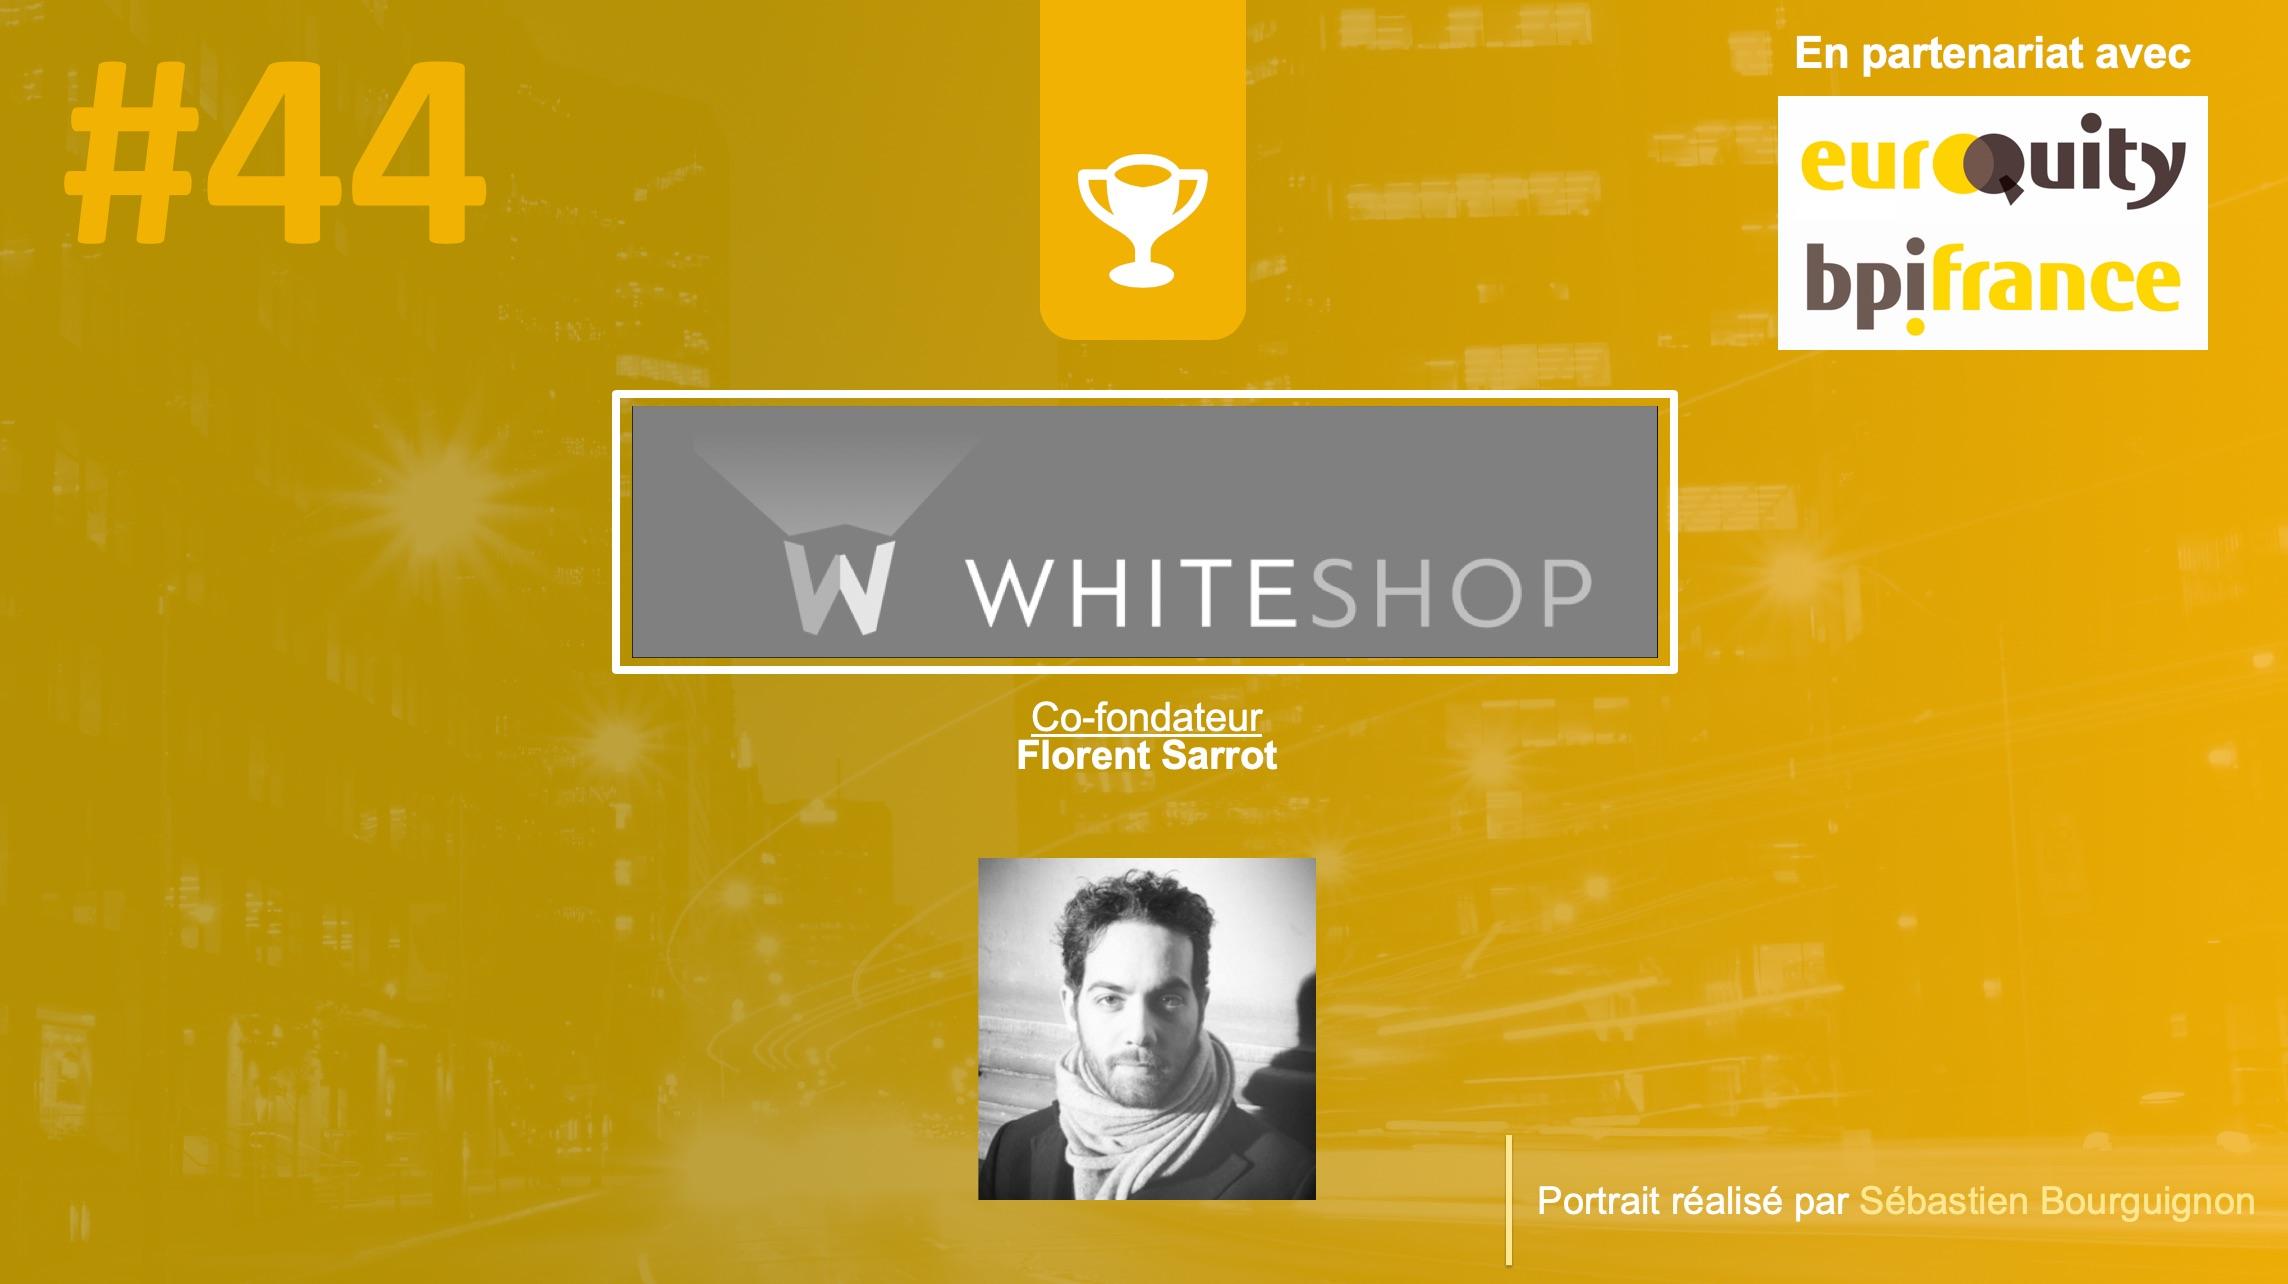 whiteshop